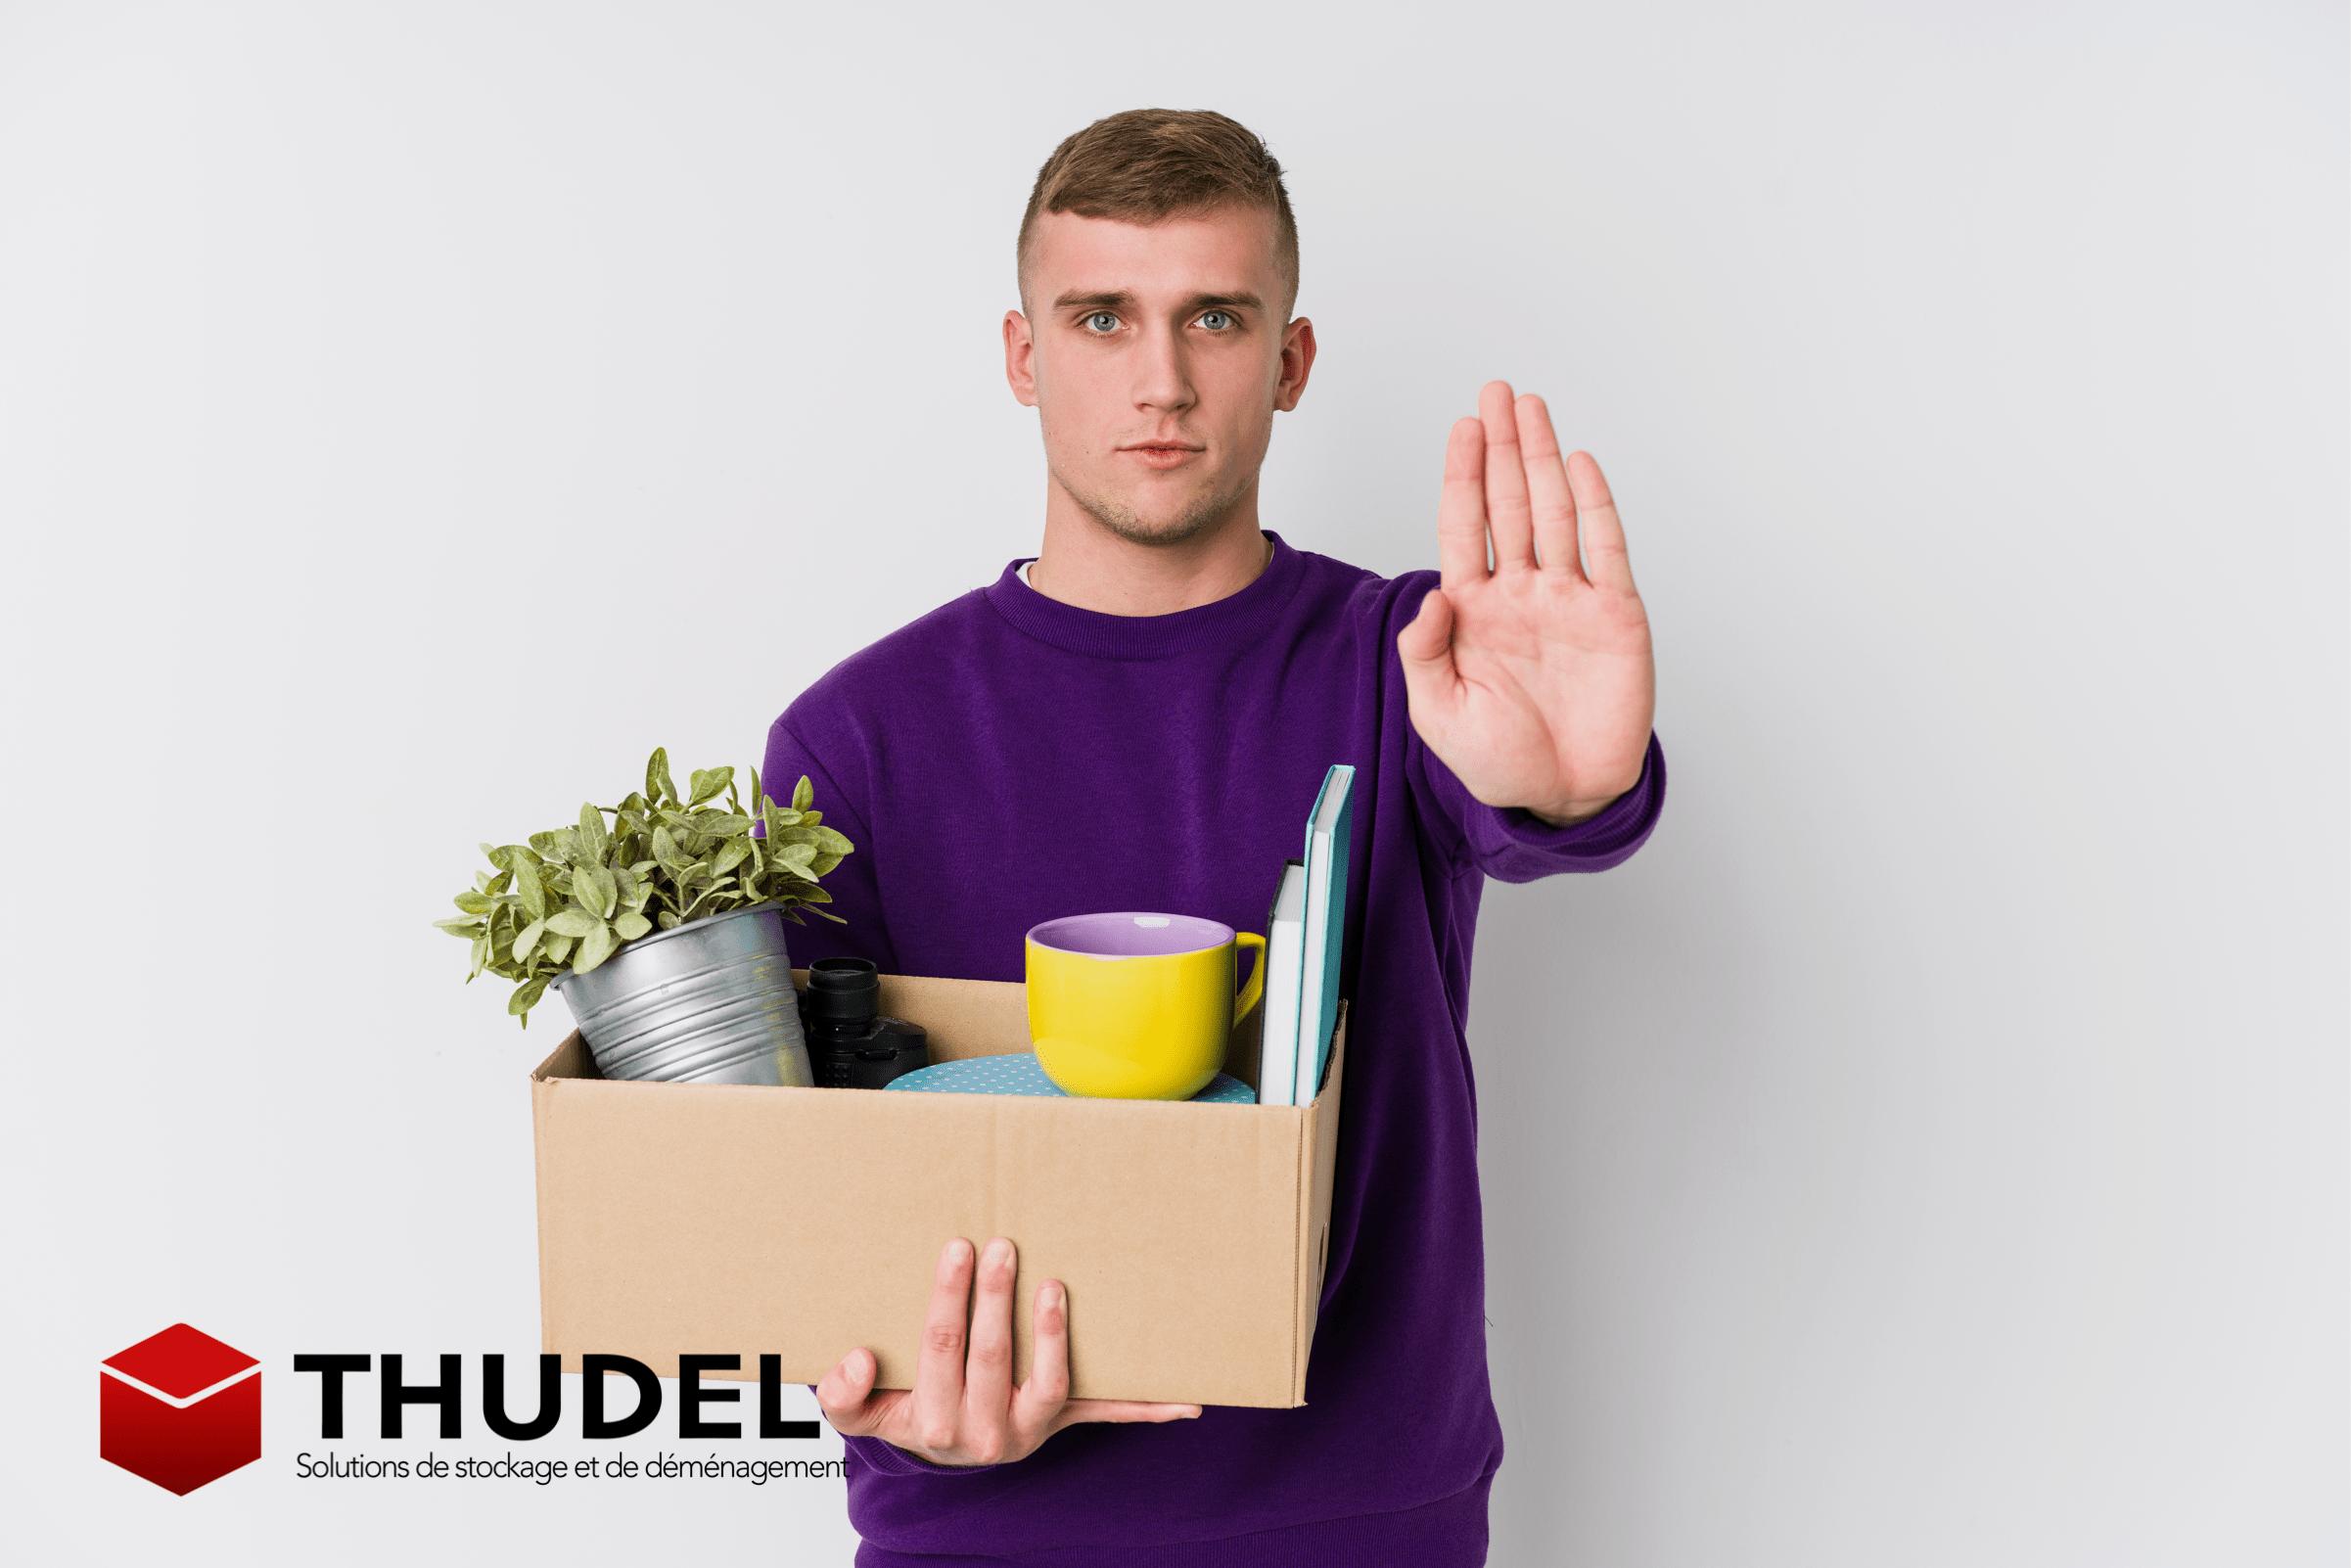 Conseils de déménagement : Comment réduire son stress ?